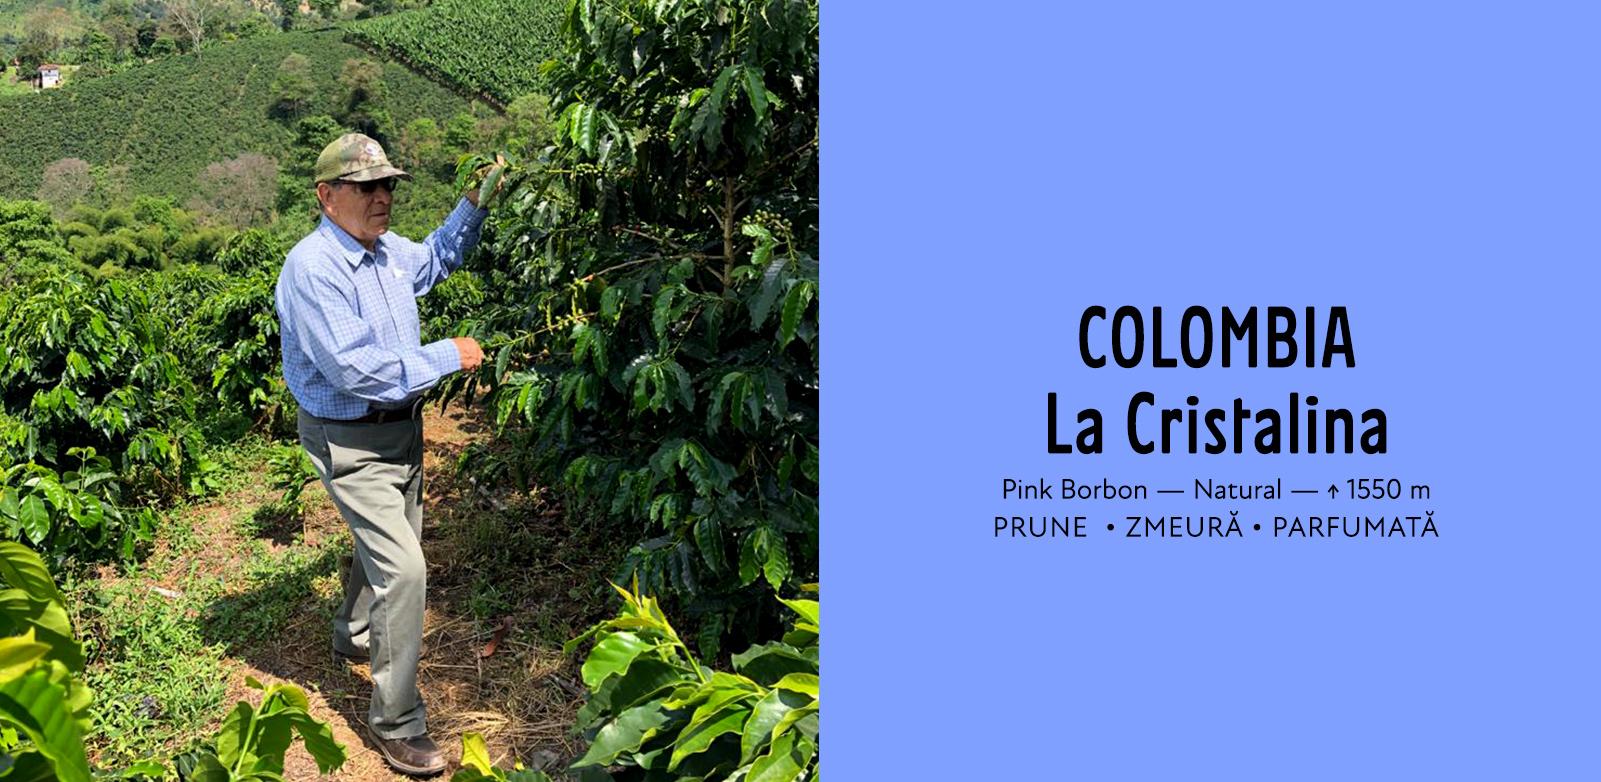 Colombia La Cristalina